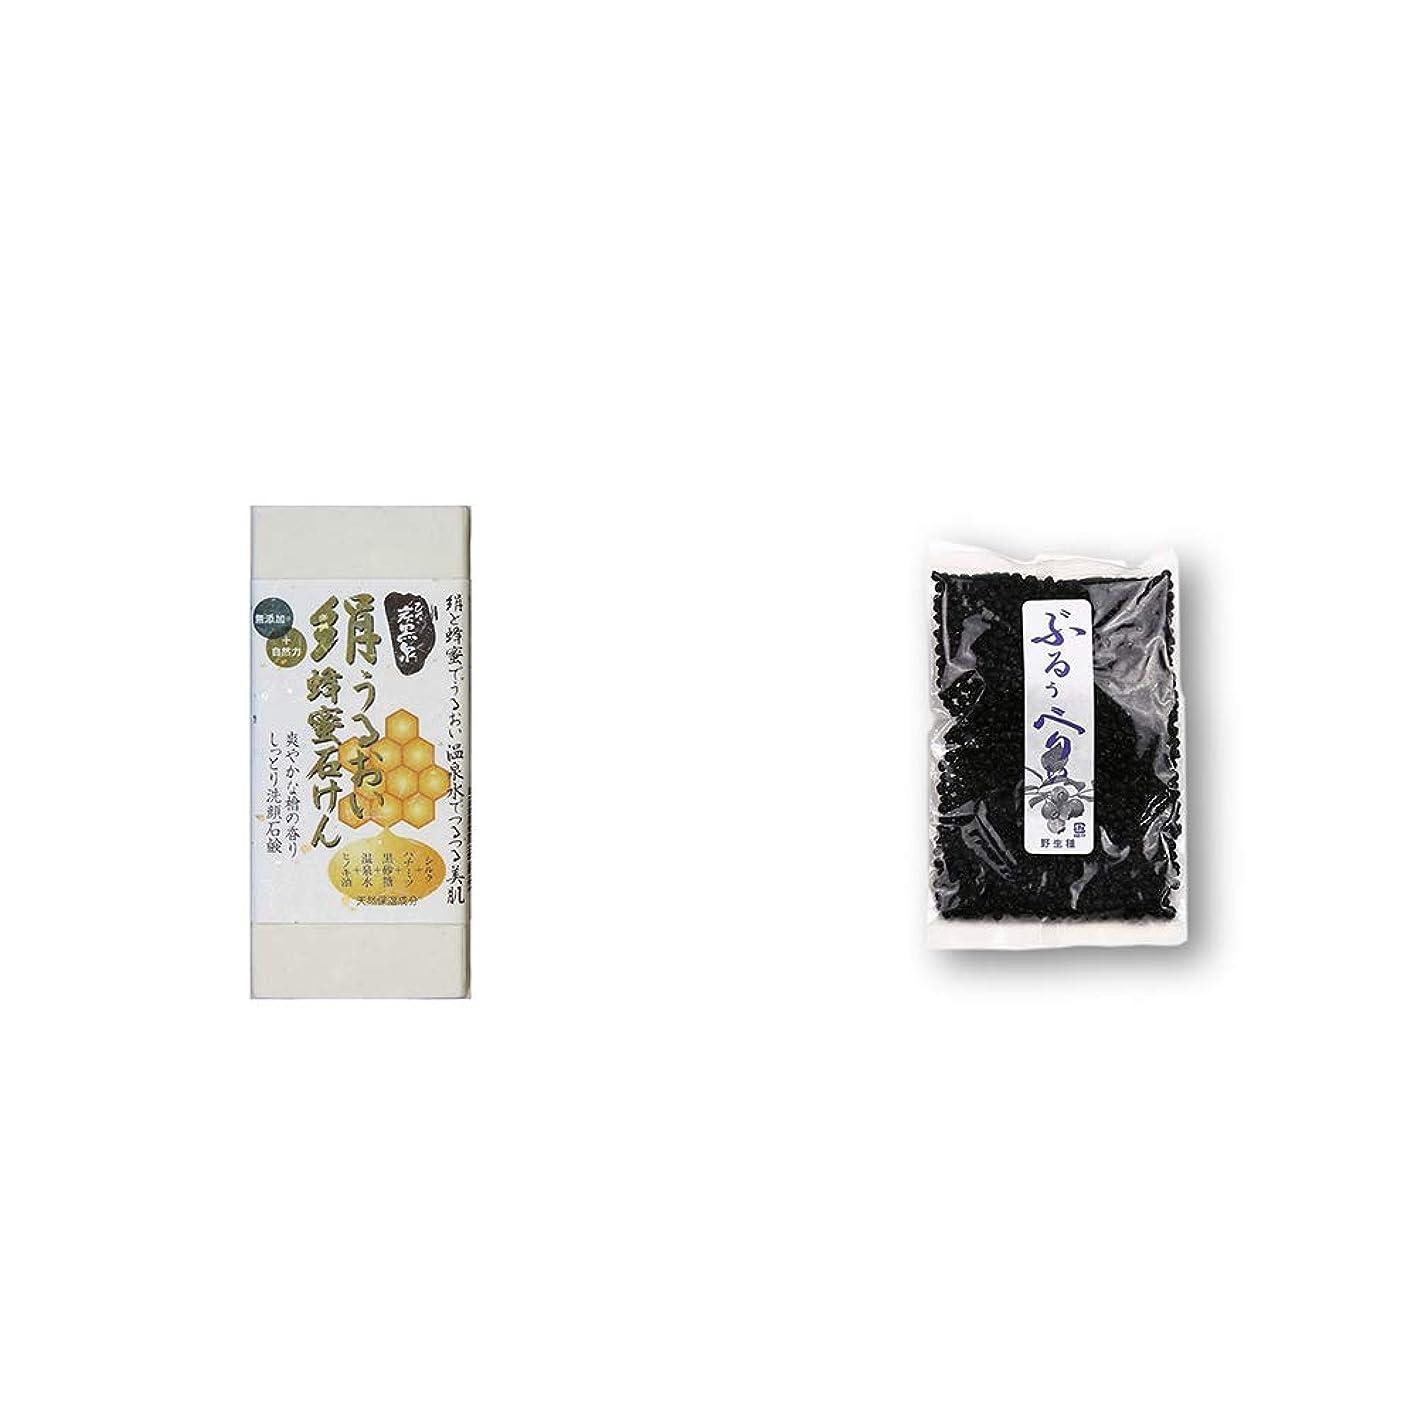 サミュエルハッチ契約した[2点セット] ひのき炭黒泉 絹うるおい蜂蜜石けん(75g×2)?野生種ぶるぅべりぃ(260g)